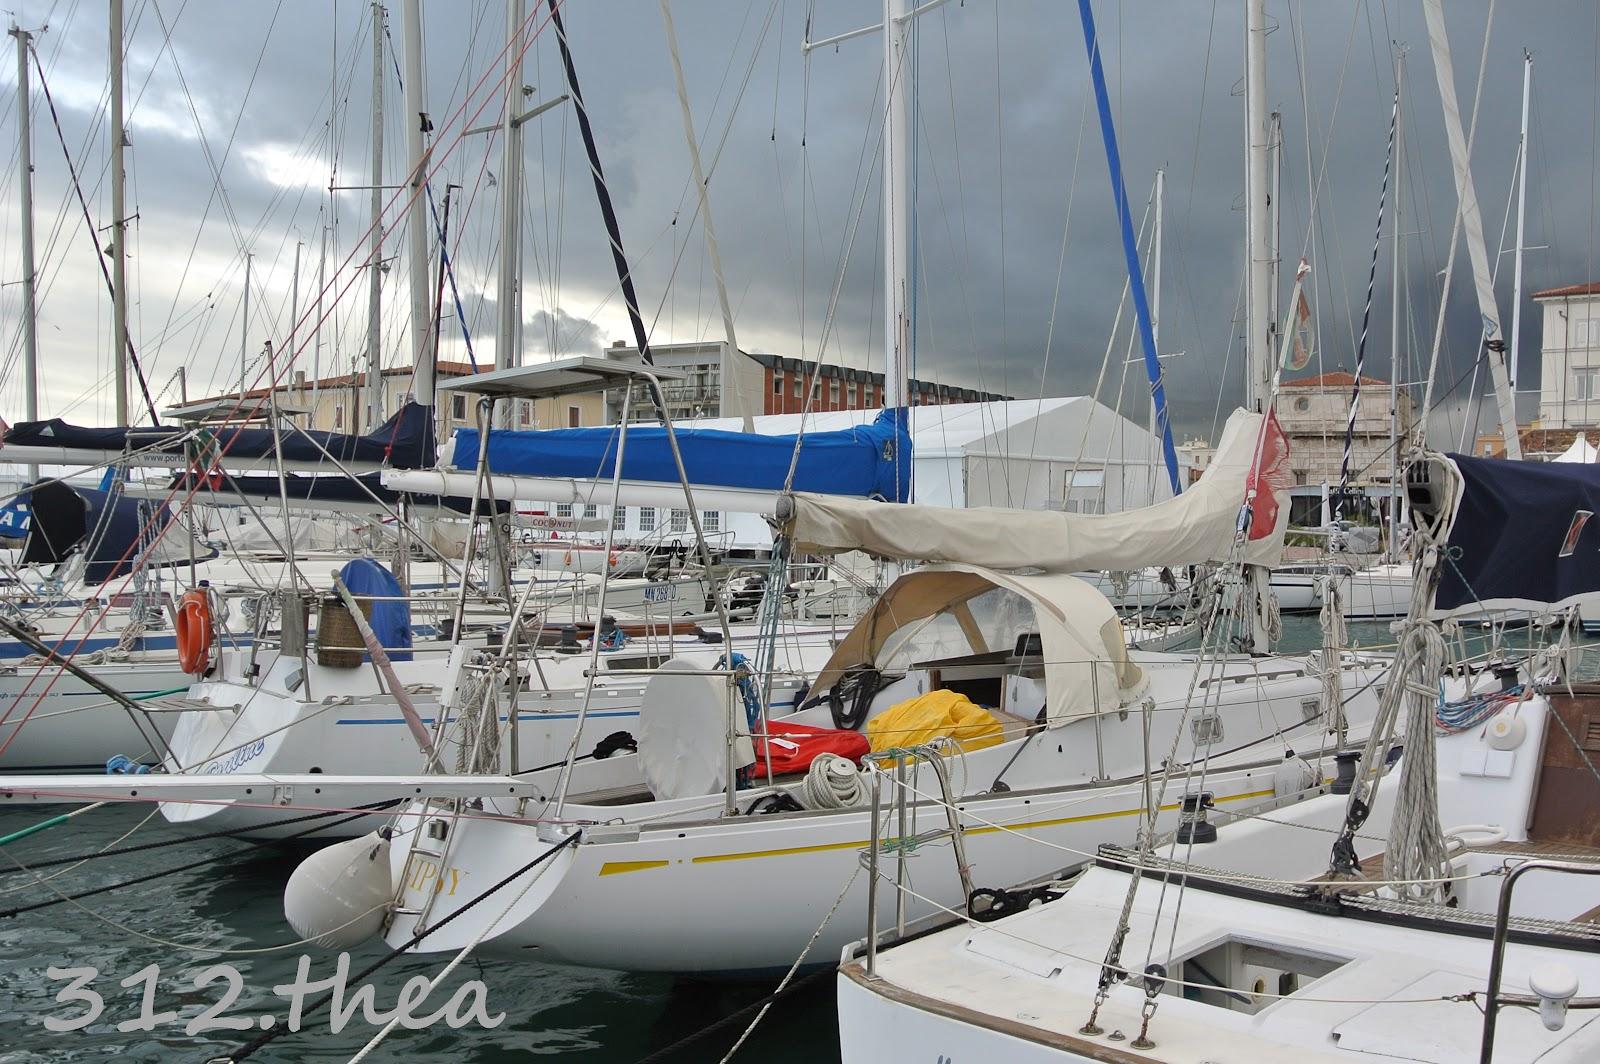 Pannello Solare In Barca : Thea pannello solare alpa